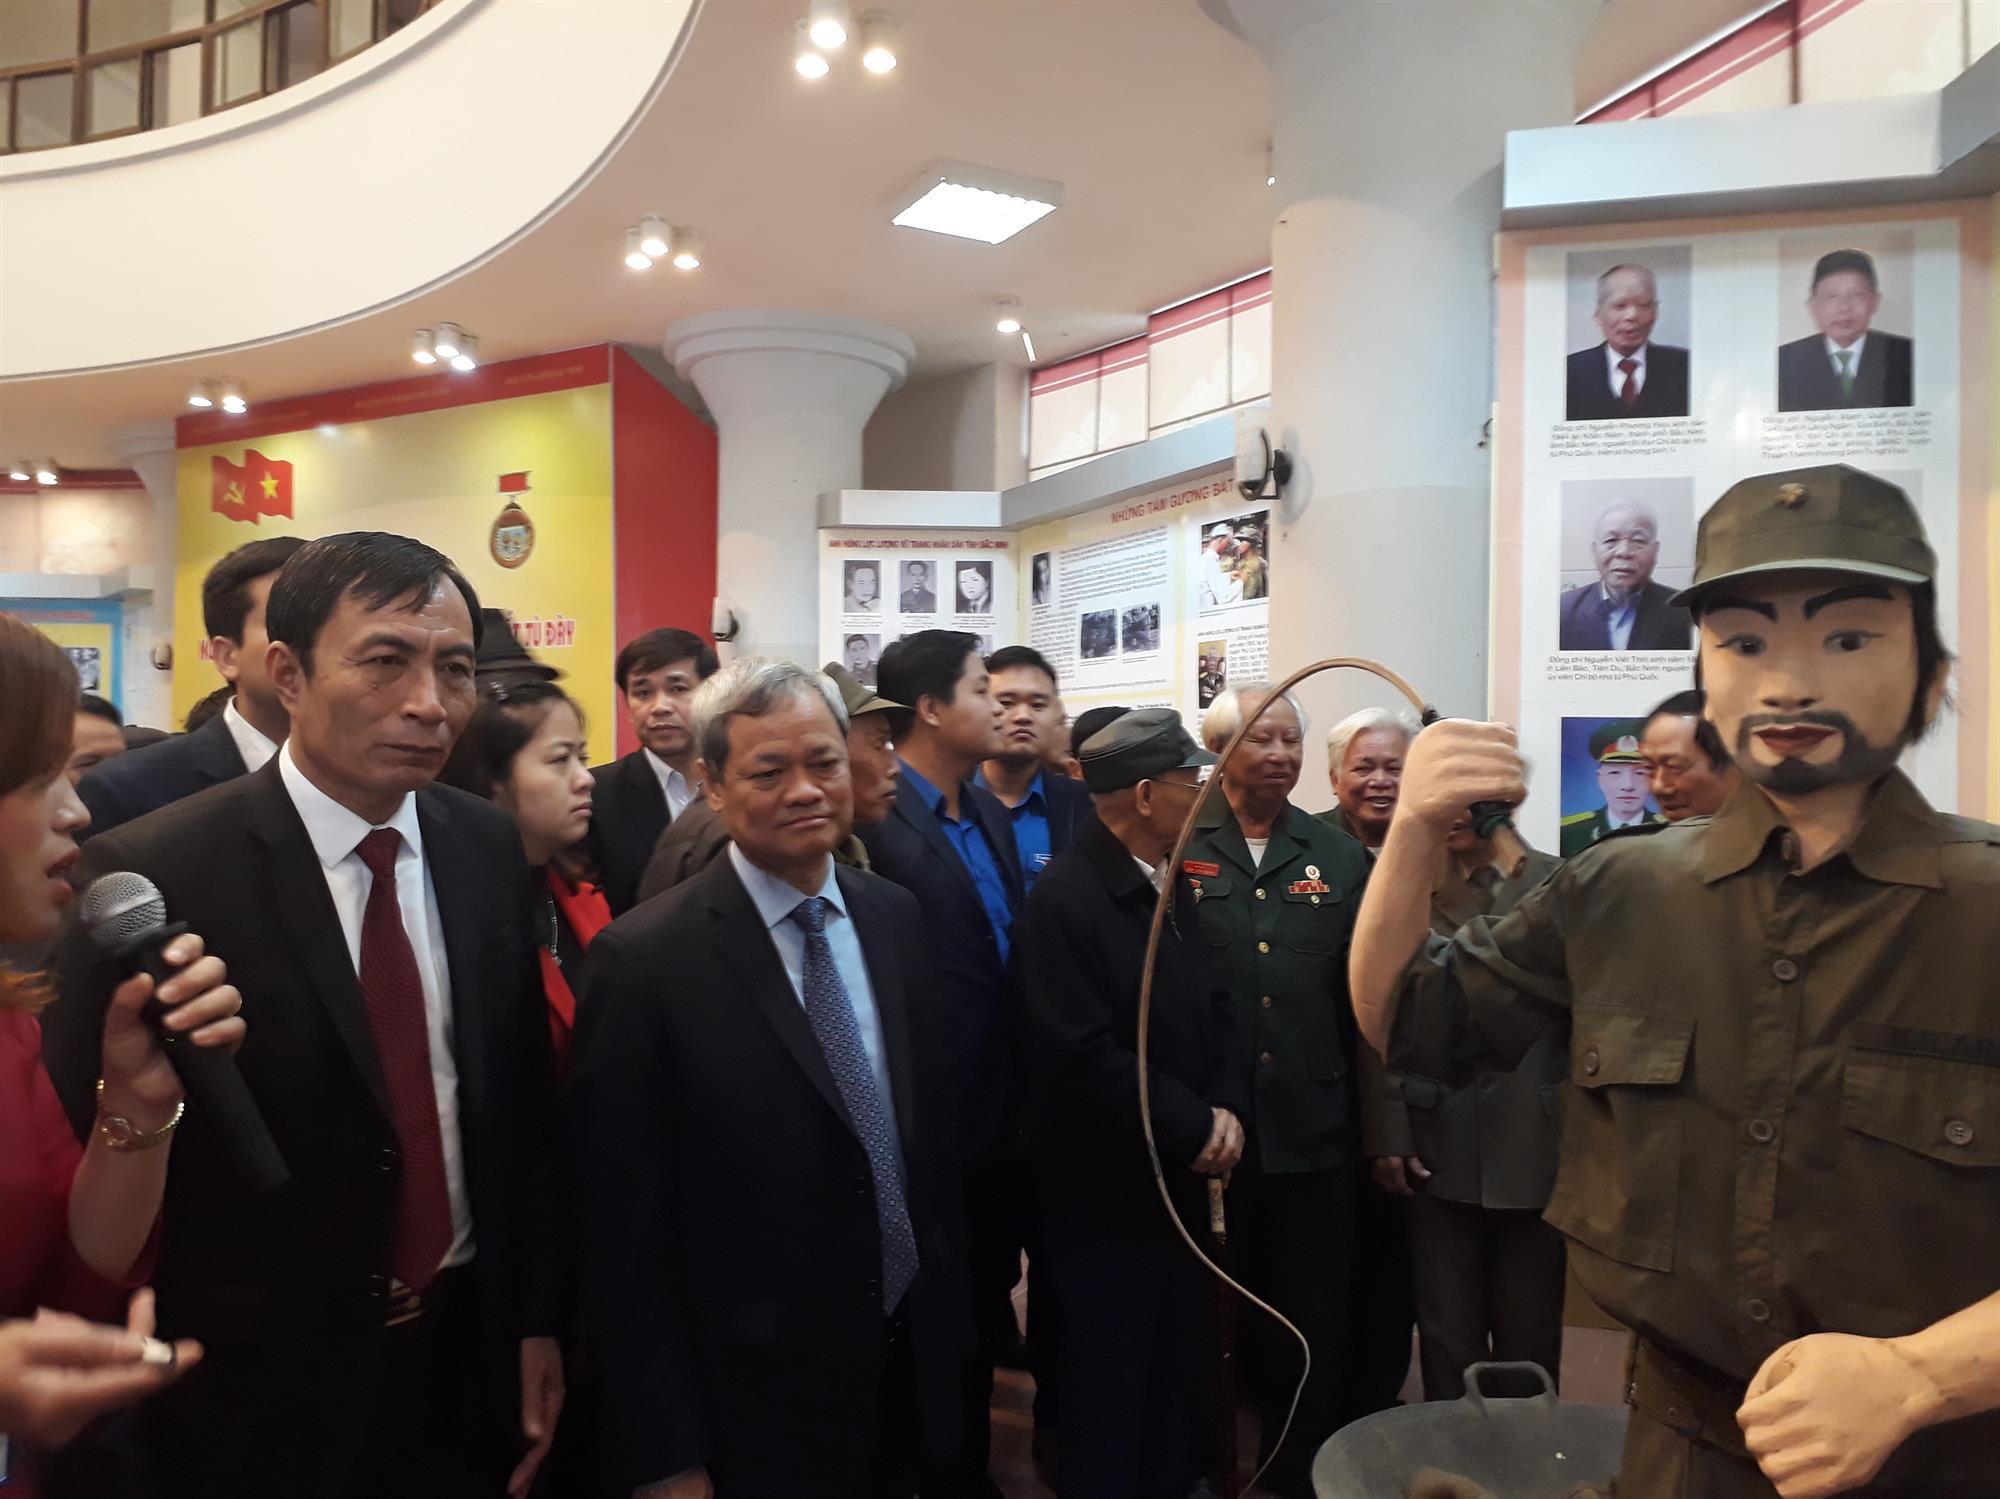 """Khai mạc trưng bày """"Sáng mãi tấm gương người chiến sỹ cách mạng  tỉnh Bắc Ninh bị địch bắt tù đày"""""""